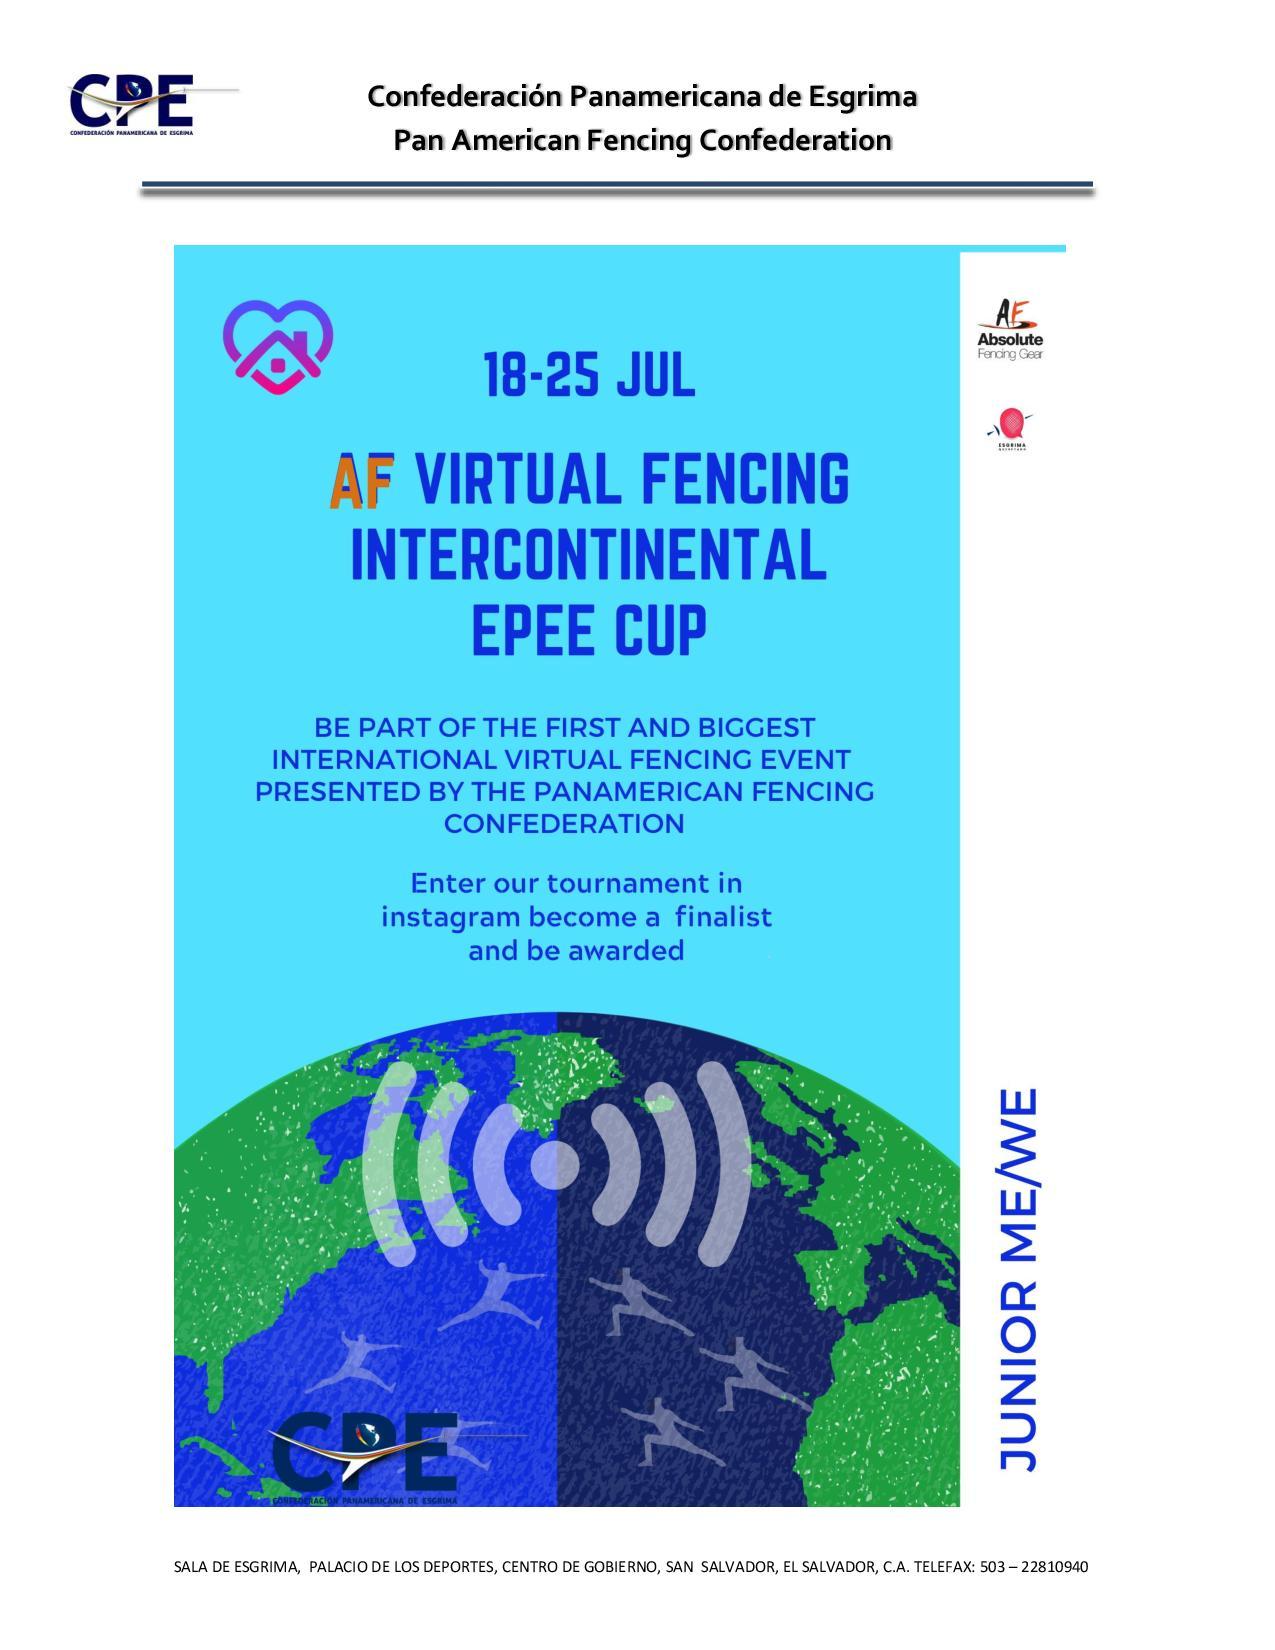 Виртуална интерконтинентална купа шпага